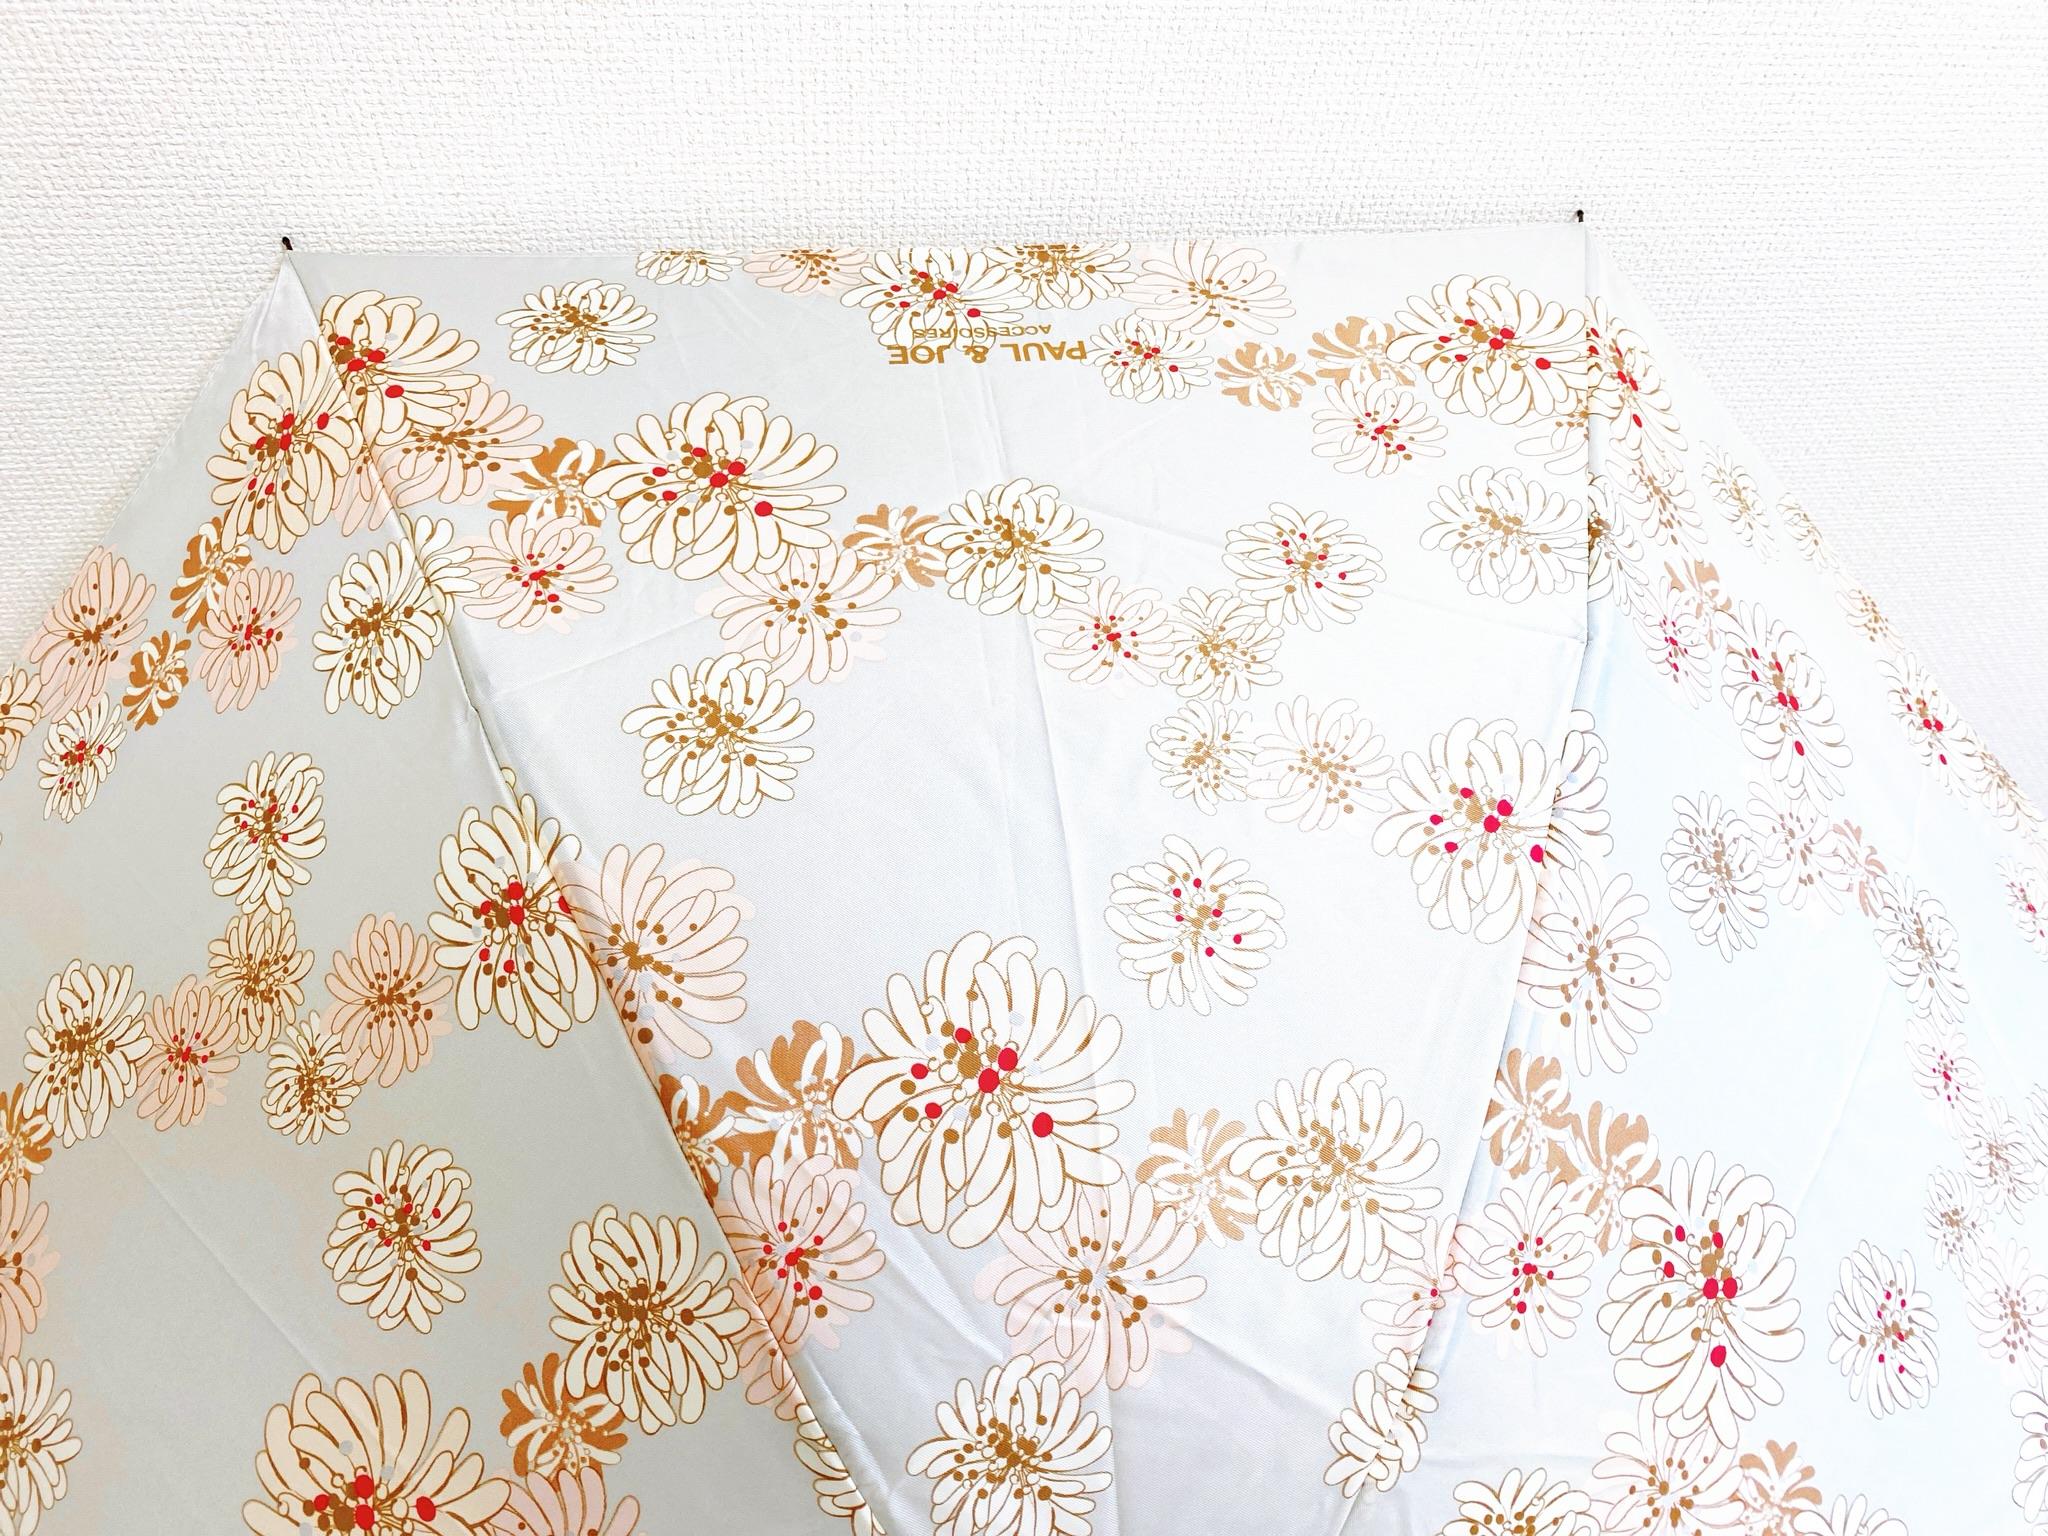 【日差しも雨も!一本あると便利な折り畳み傘】お気に入りの一本を見つけよう_2